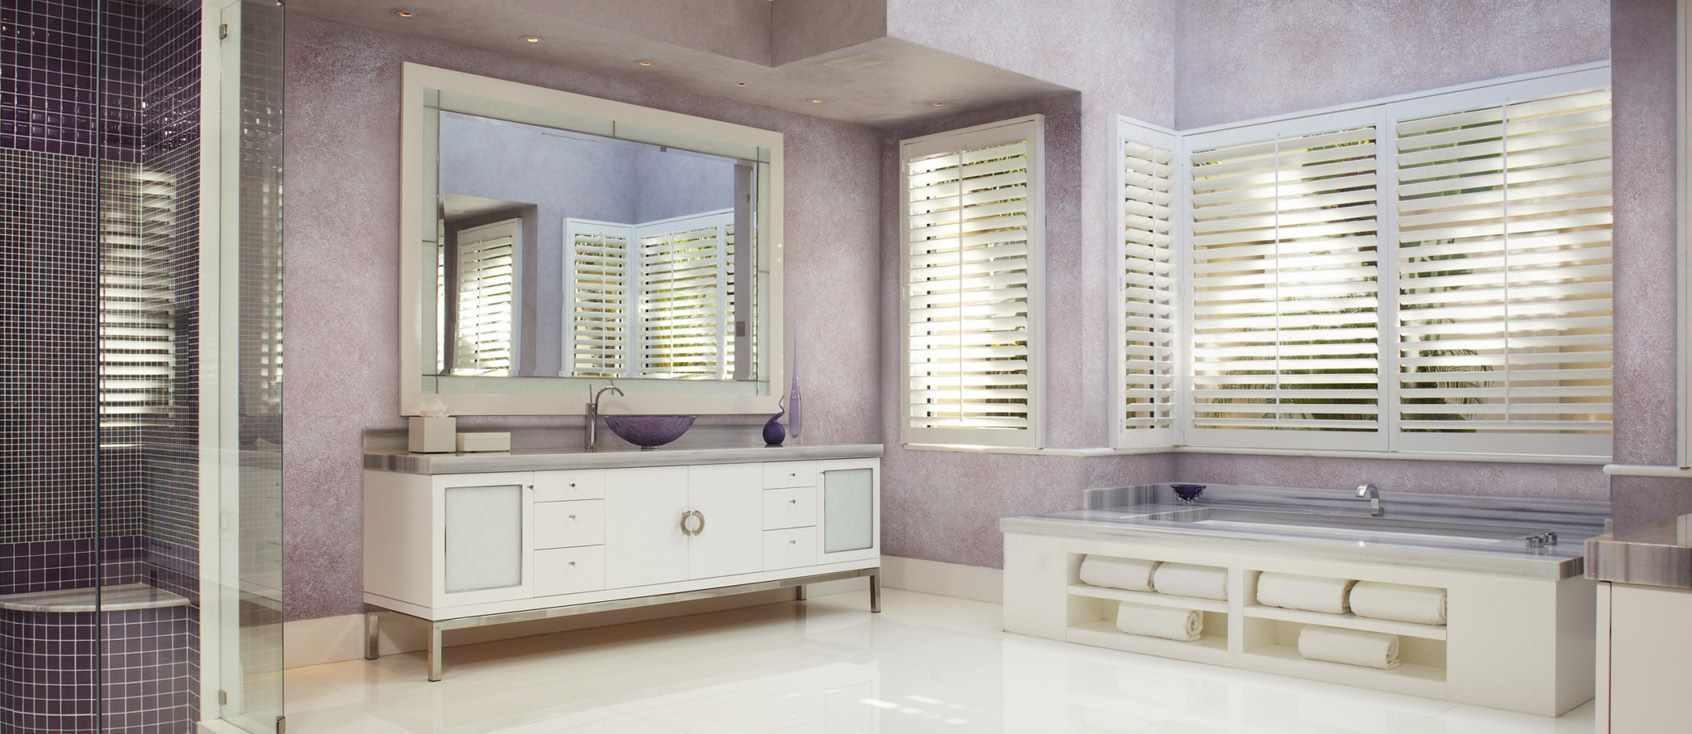 идея применения необычной декоративной штукатурки в интерьере ванной комнаты